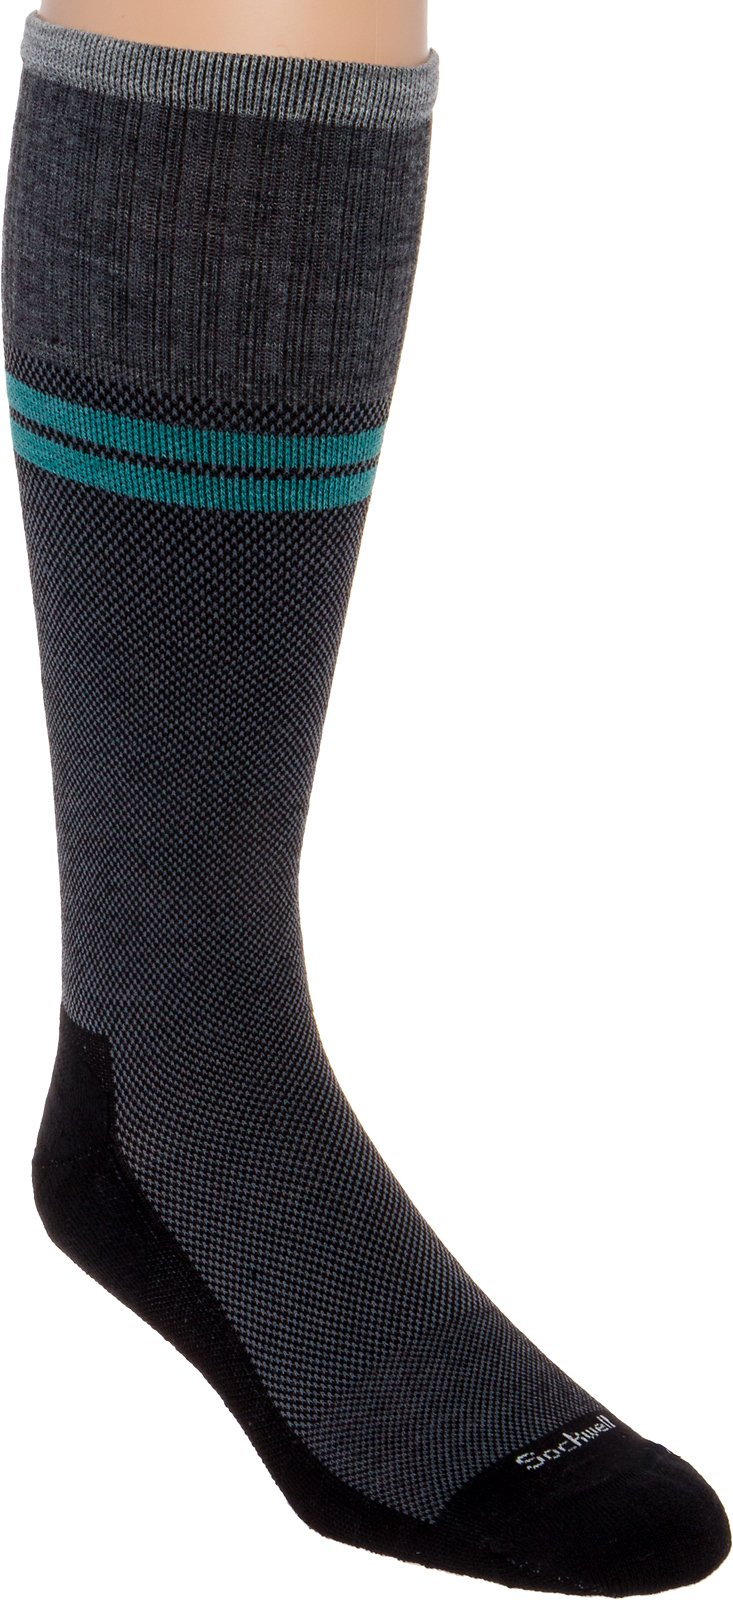 Sockwell Mens Wool Moderate Sportster Compression Socks (Black, M/L)